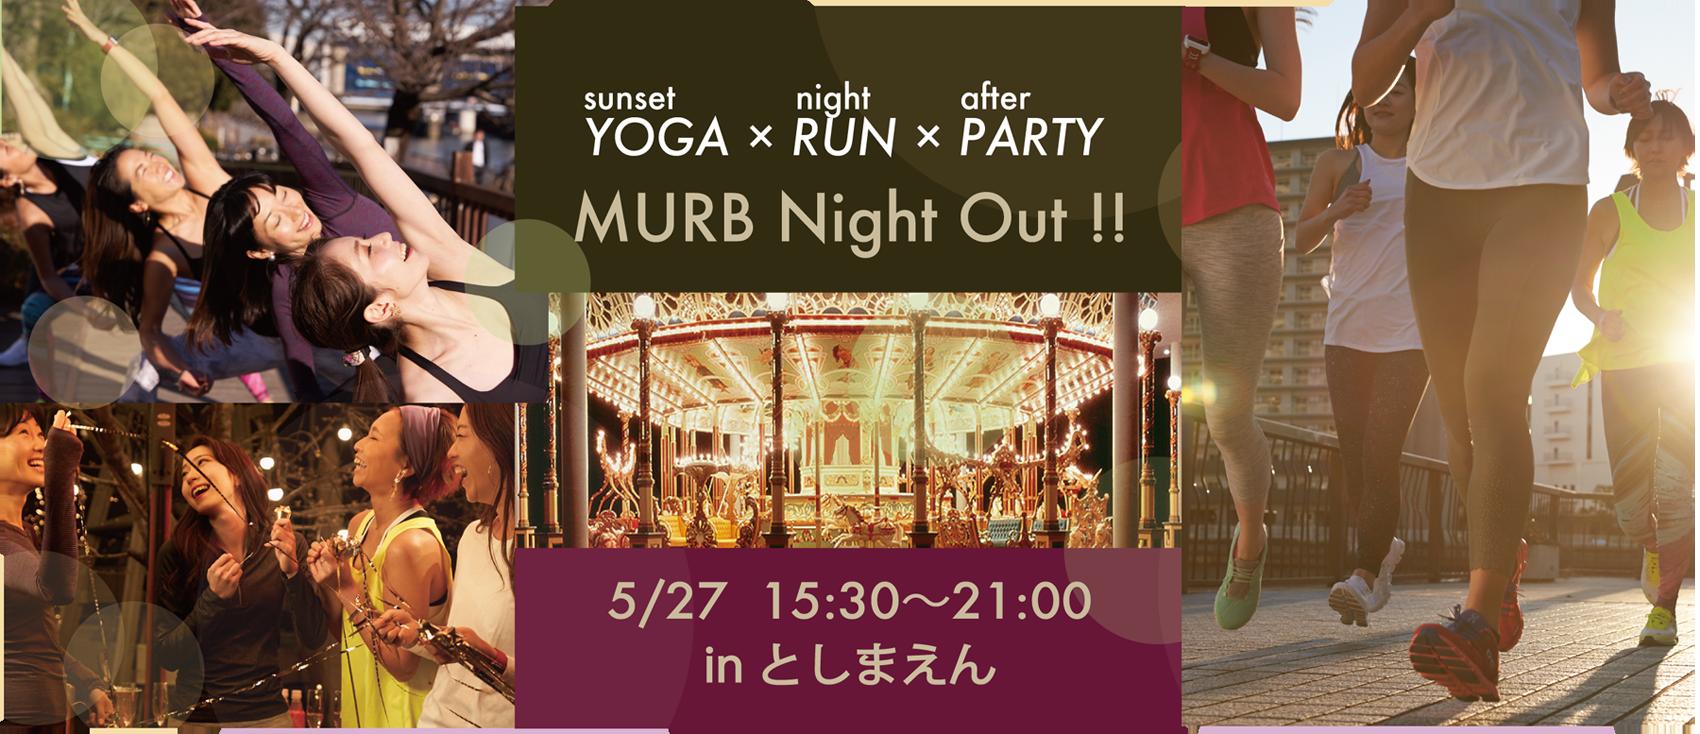 [としまえん]ヨガ×ナイトラン×パーティ♪【早割1000円OFF!2/28まで】 5/27 MURB Night Out!! #ファンラン #パーティ #ヨガ #としまえん #早割 @ としまえん   練馬区   東京都   日本